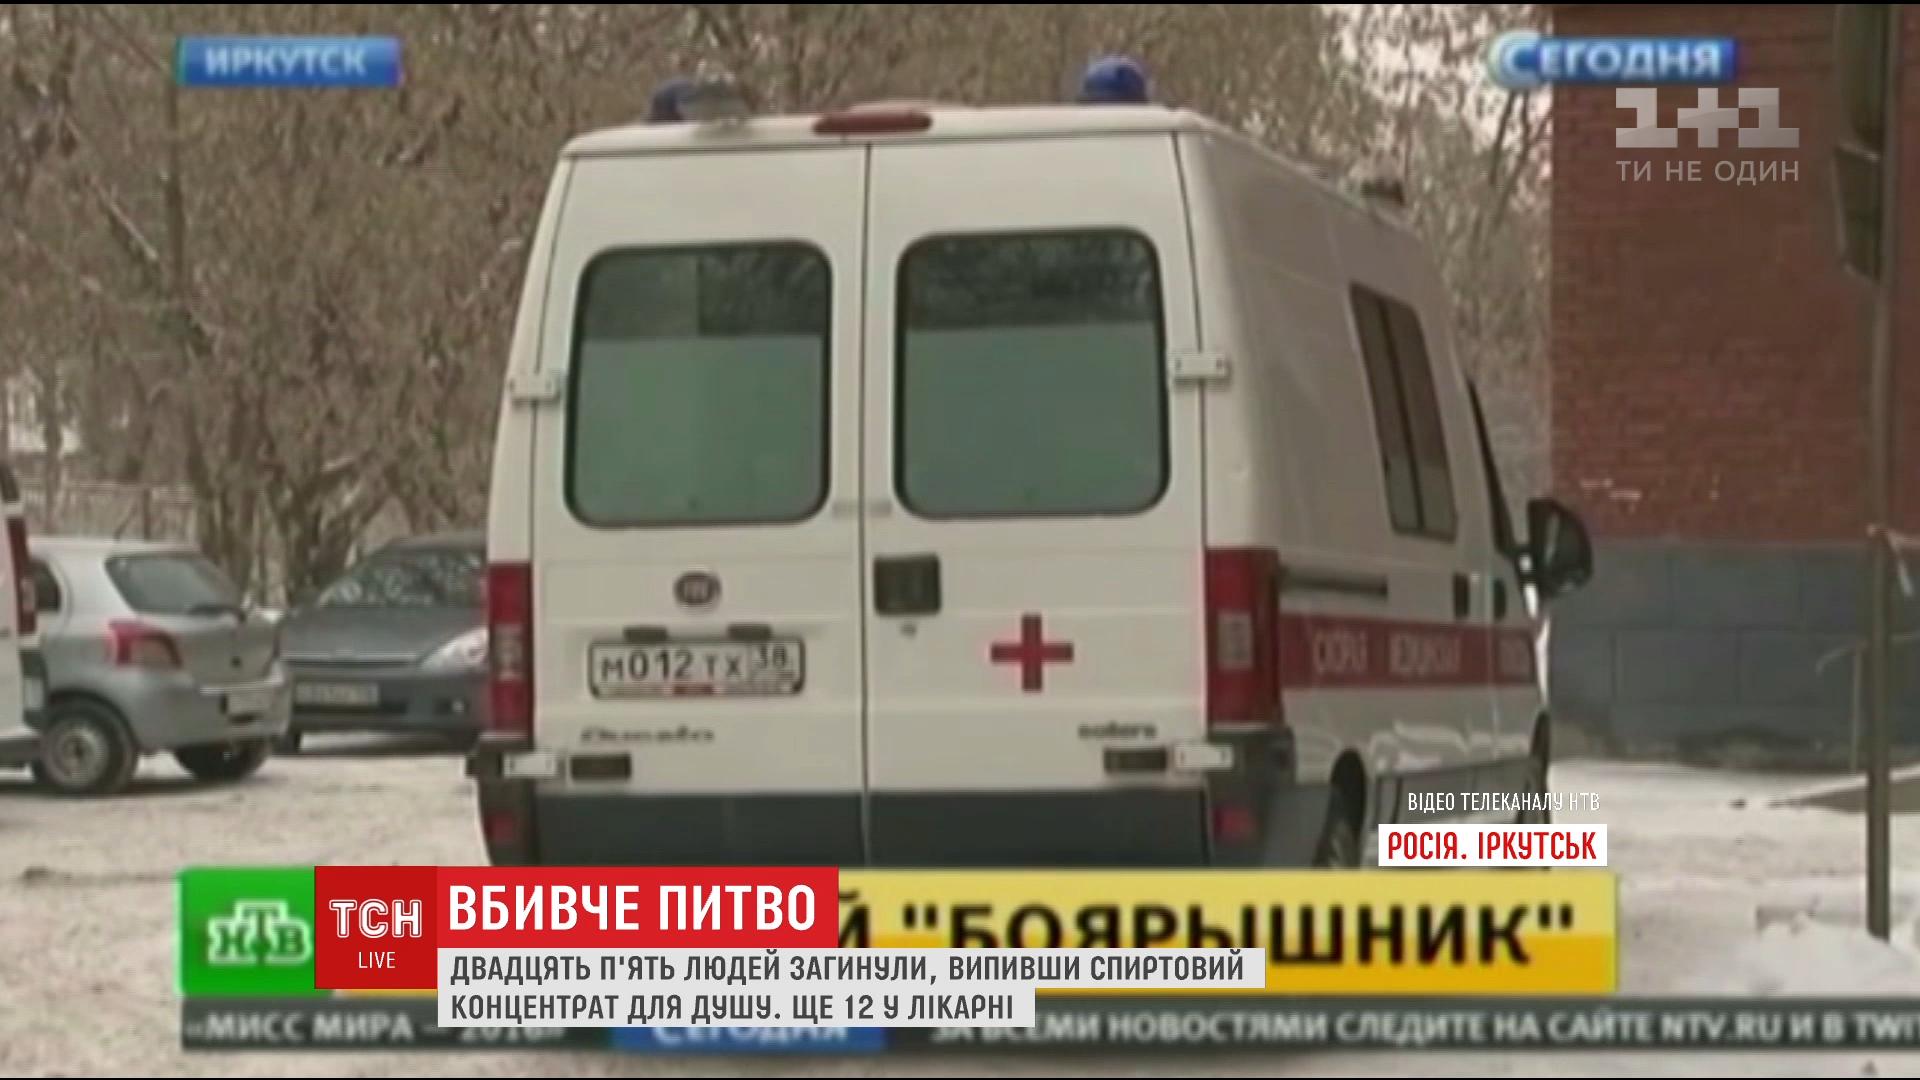 25 людей загинули в Іркутську, випивши спиртової концентрат для ванни /